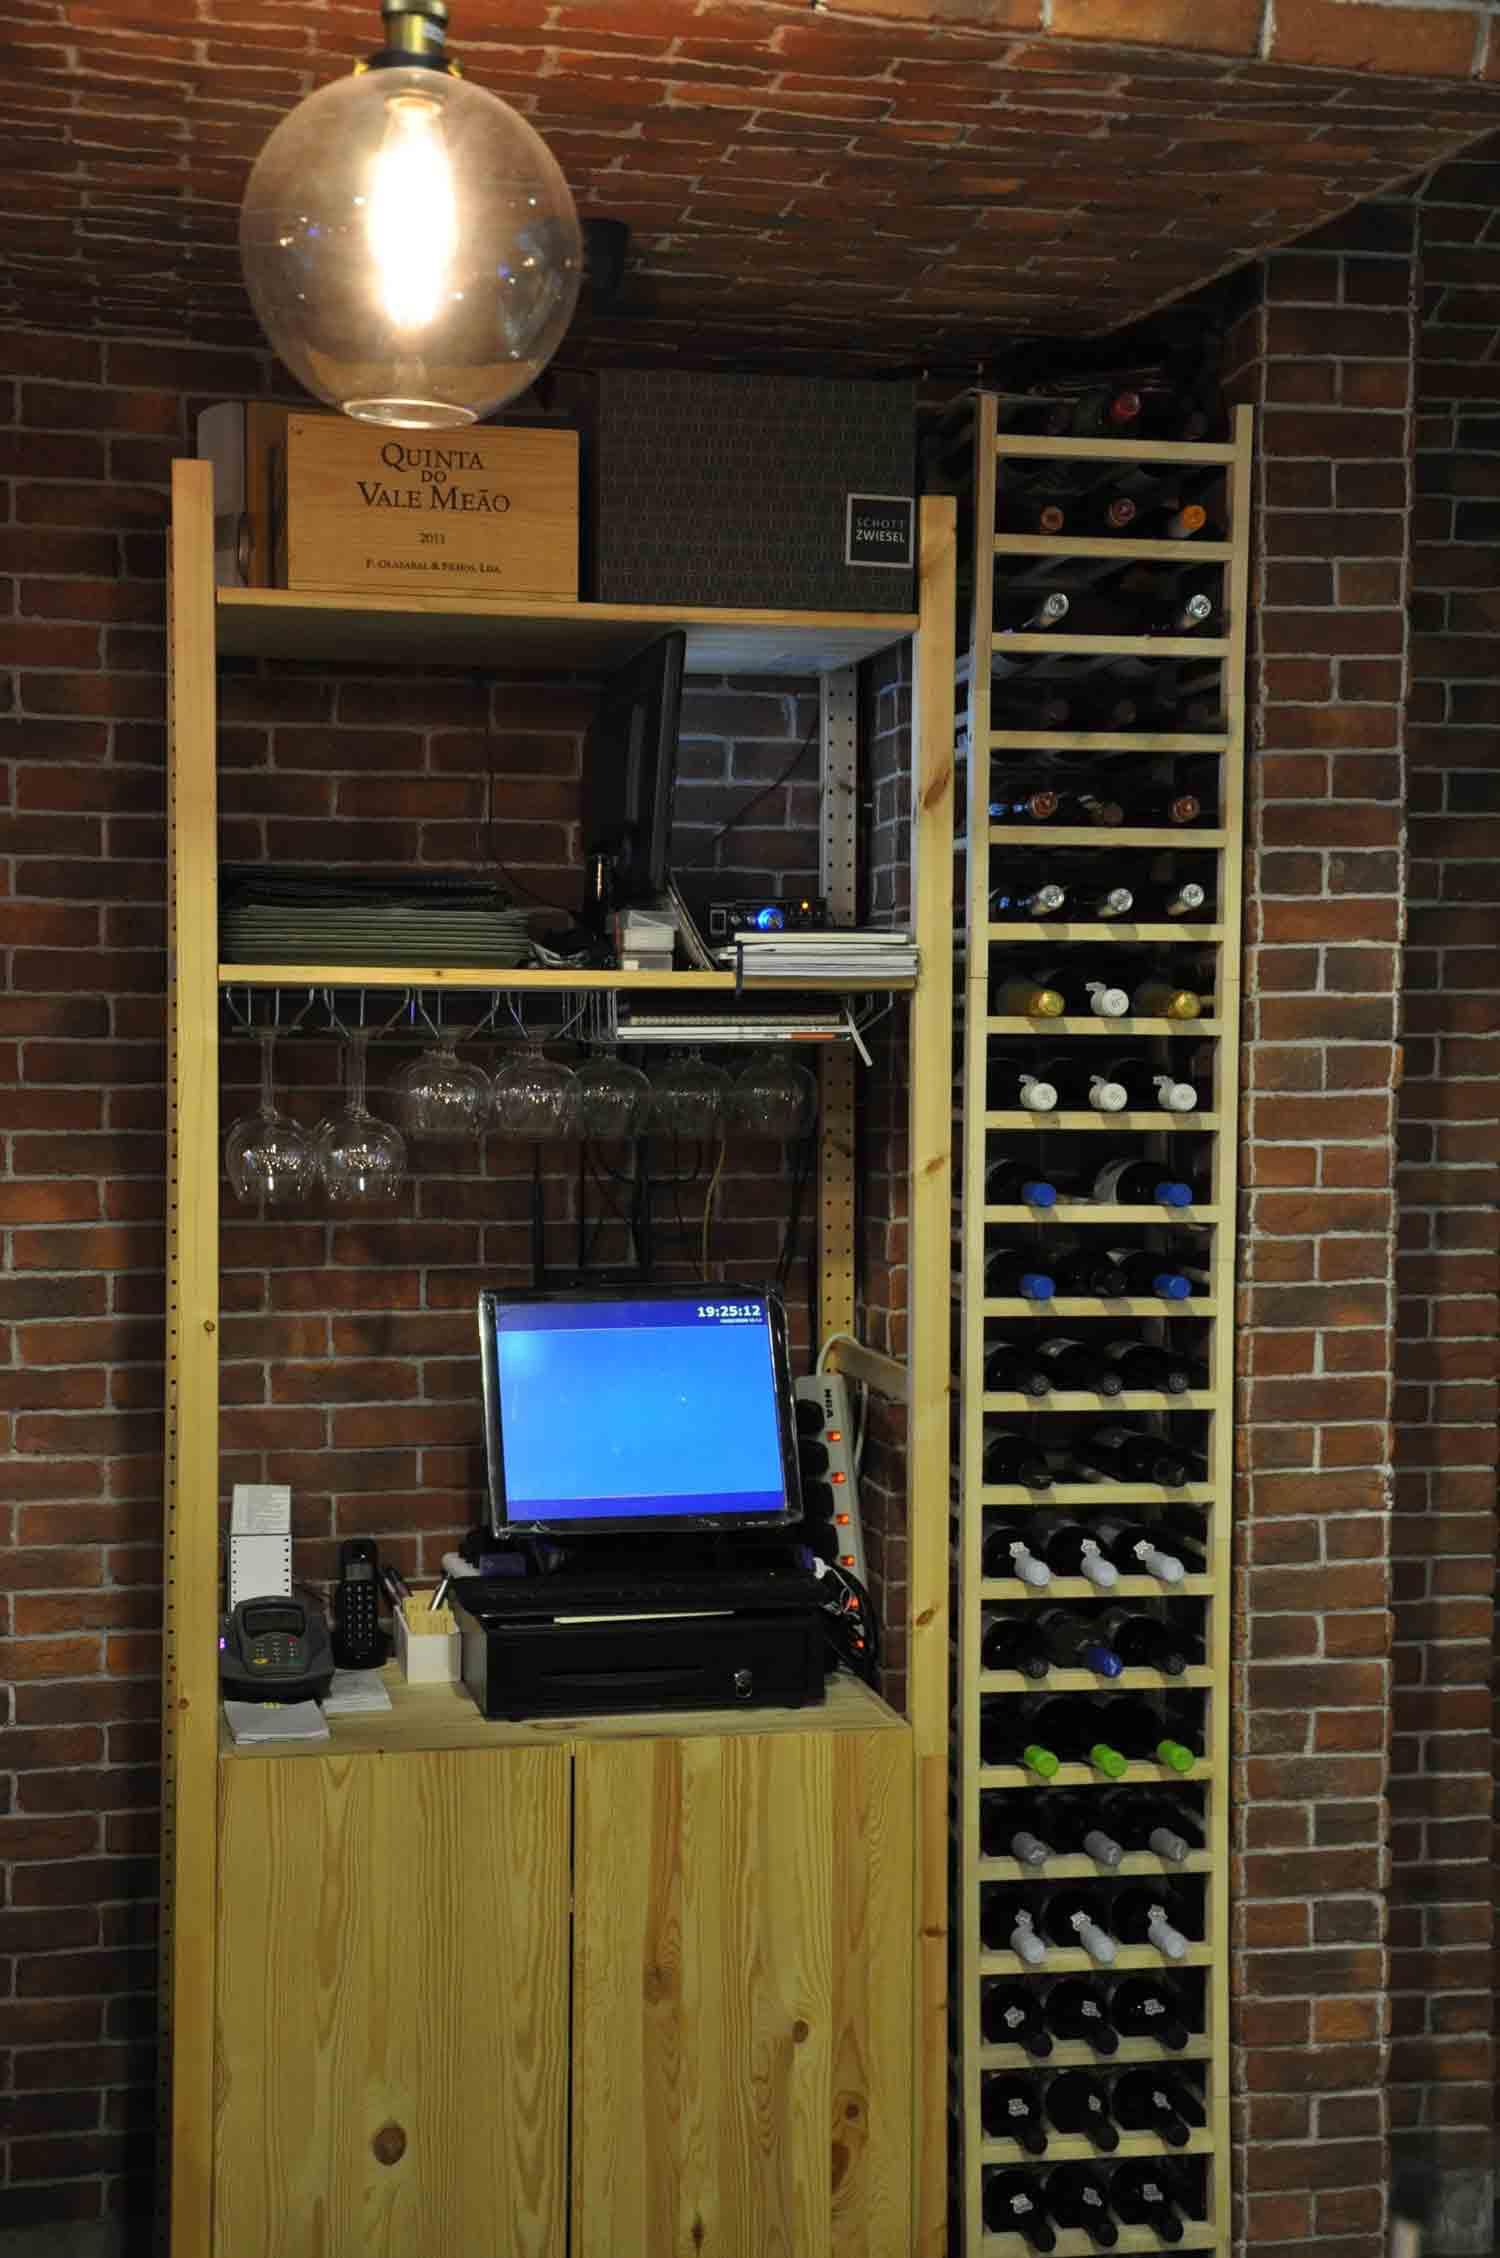 Mariazinha Macau wine rack